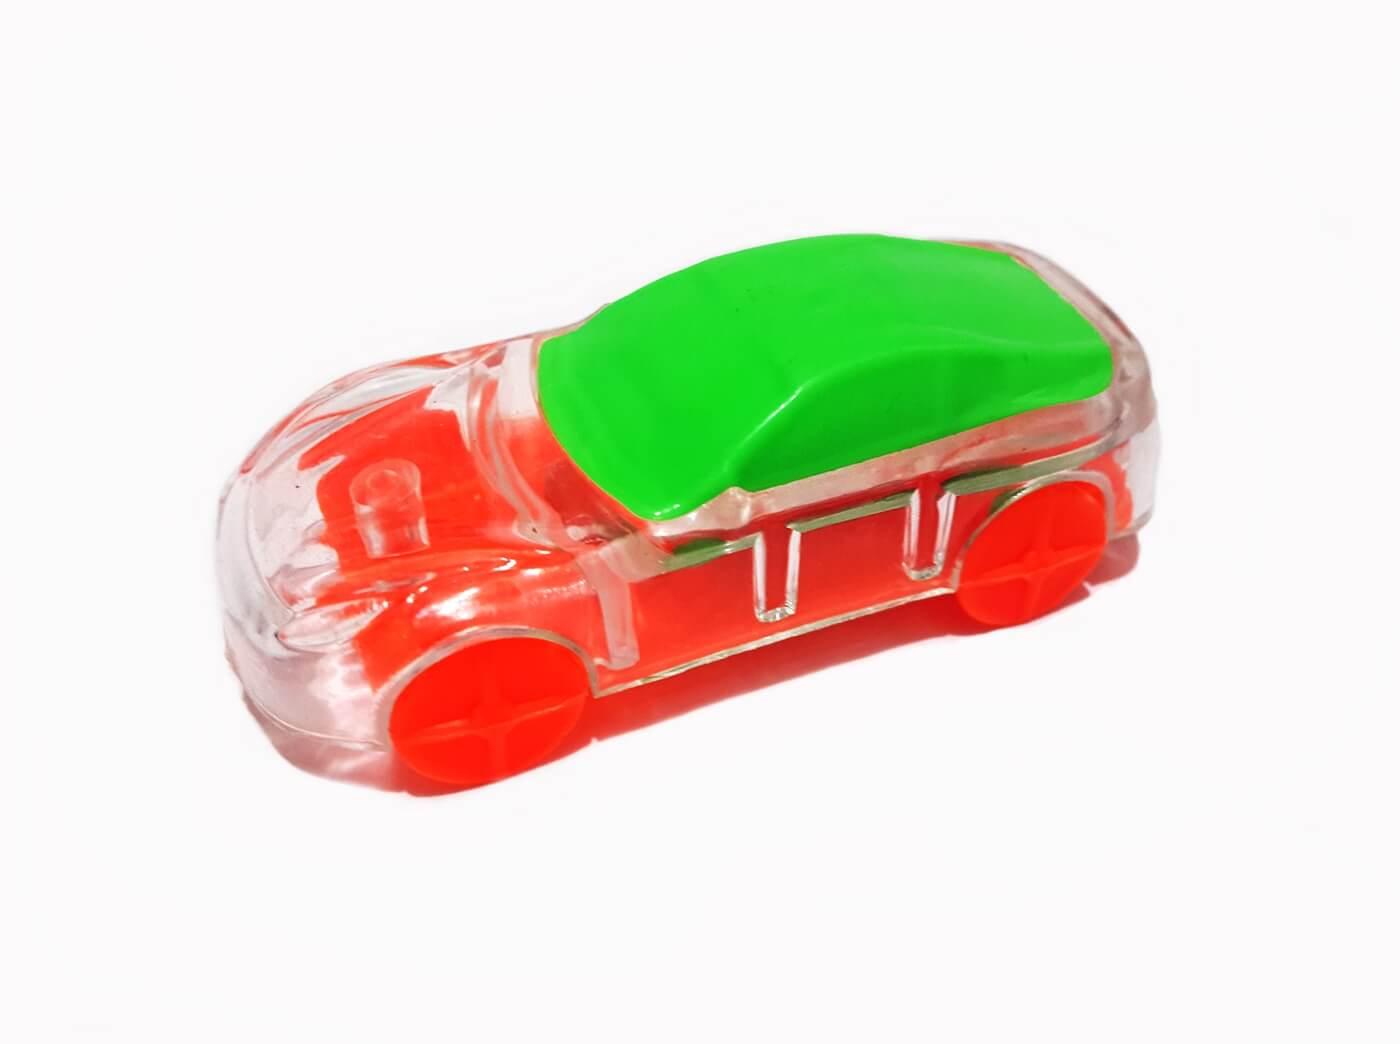 Transparent Toy Car, Miniature, Macro